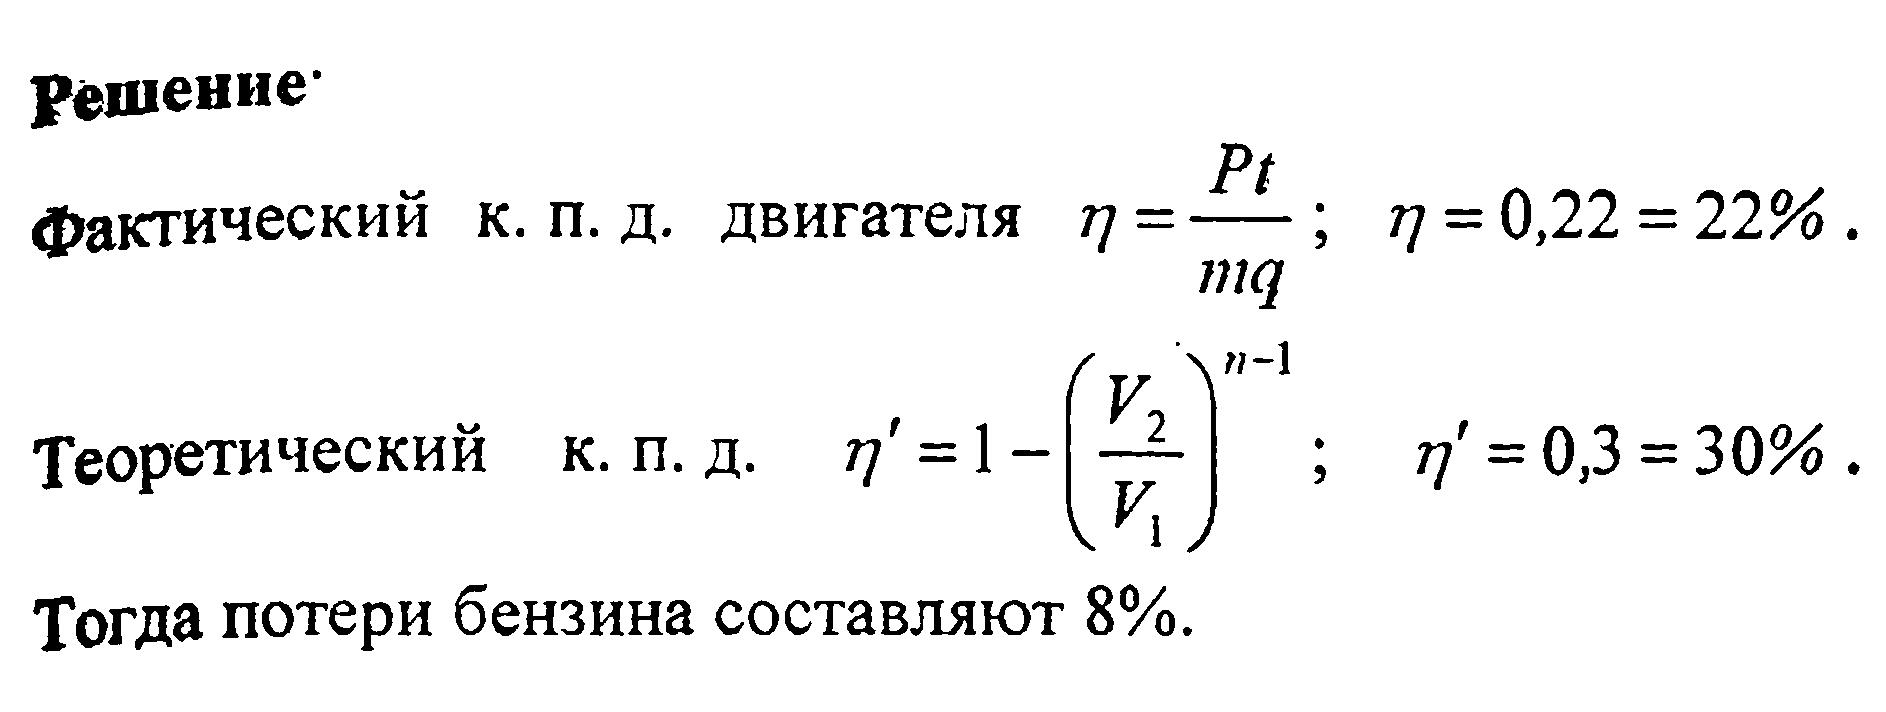 решений задач и контрольных Молекулярная физика термодинамика № Примеры решений задач и контрольных Молекулярная физика термодинамика №42